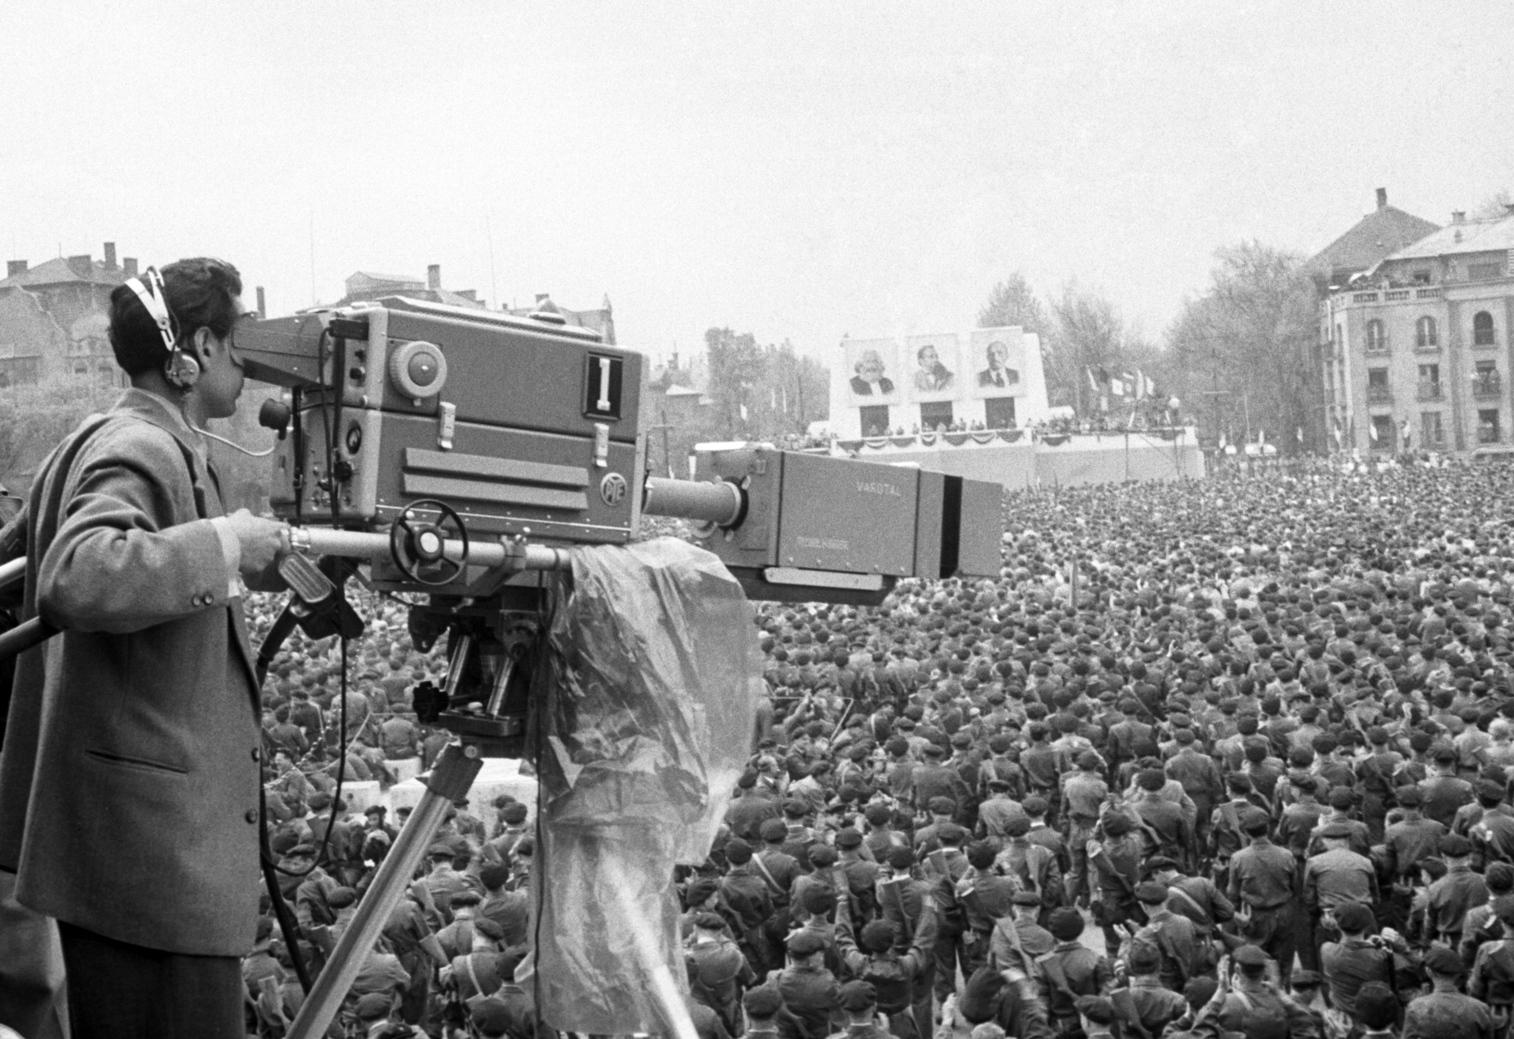 Budapest, 1957. május 1. A Magyar Televízió operatőre élőben közvetíti a Magyar Szocialista Munkáspárt Központi Bizottságának (MSZMP KB) ünnepi nagygyűlését a Hősök teréről 1957. május 1-jén. Ezzel az élőben sugárzott adással kezdte meg hivatalosan működését a Magyar Televízió. A háttérben, a dísztribün fölött: Marx, Engels és Lenin portréi. MTI Fotó: Fényes Tamás